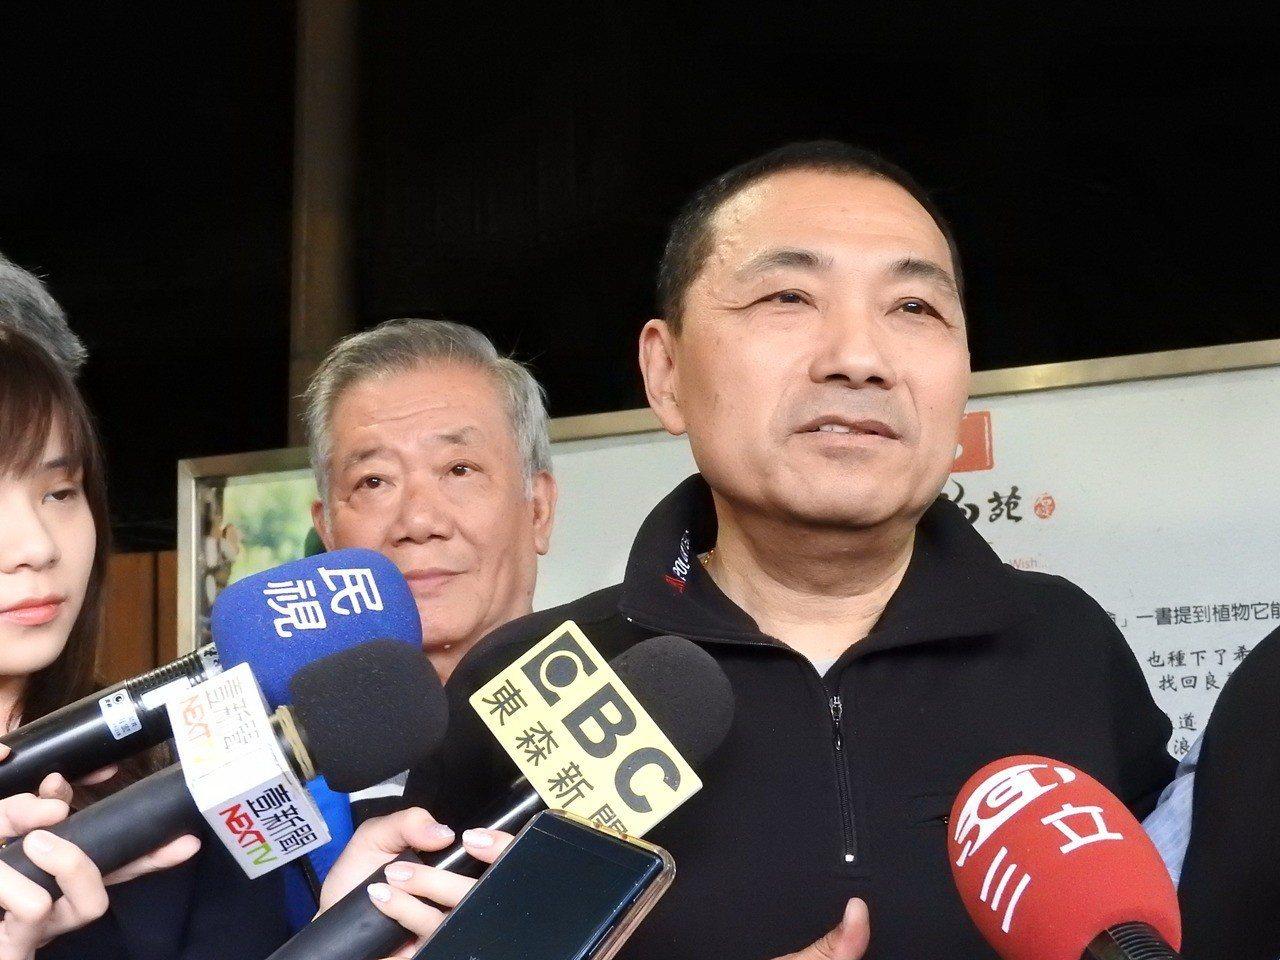 2018雙城論壇今天登場,台北市長柯文哲昨再提「兩岸一家親」,對此侯友宜辦公室發...